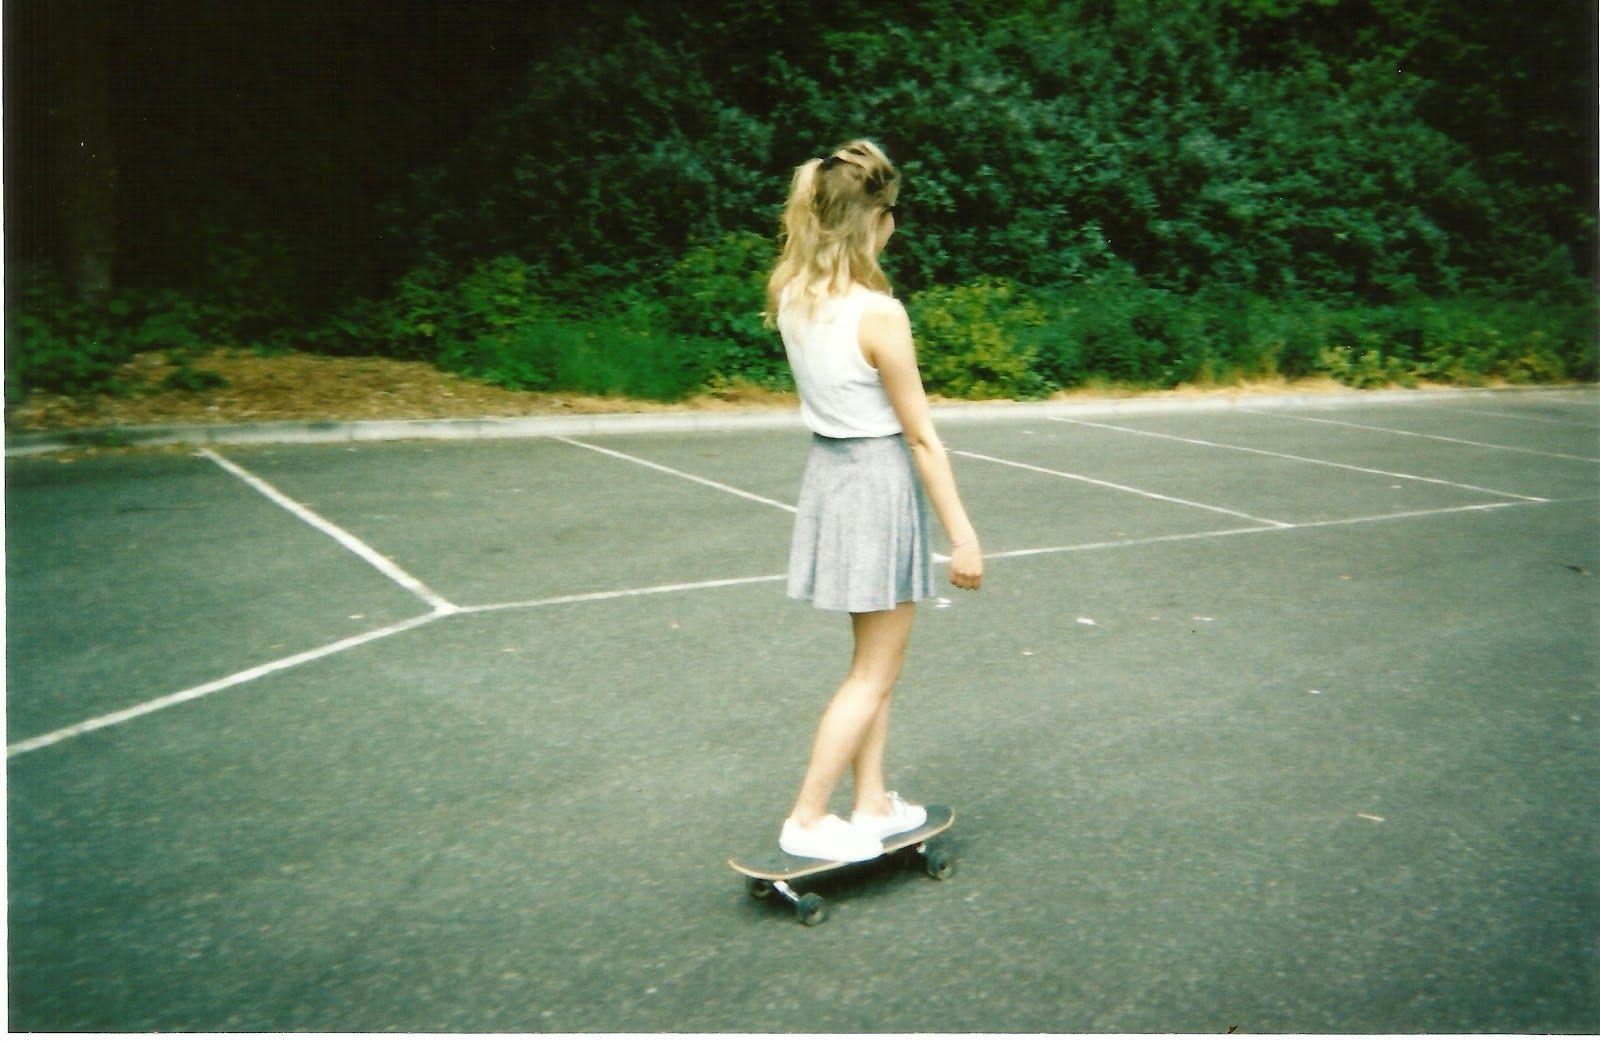 Skateboard  7aebf7412ff